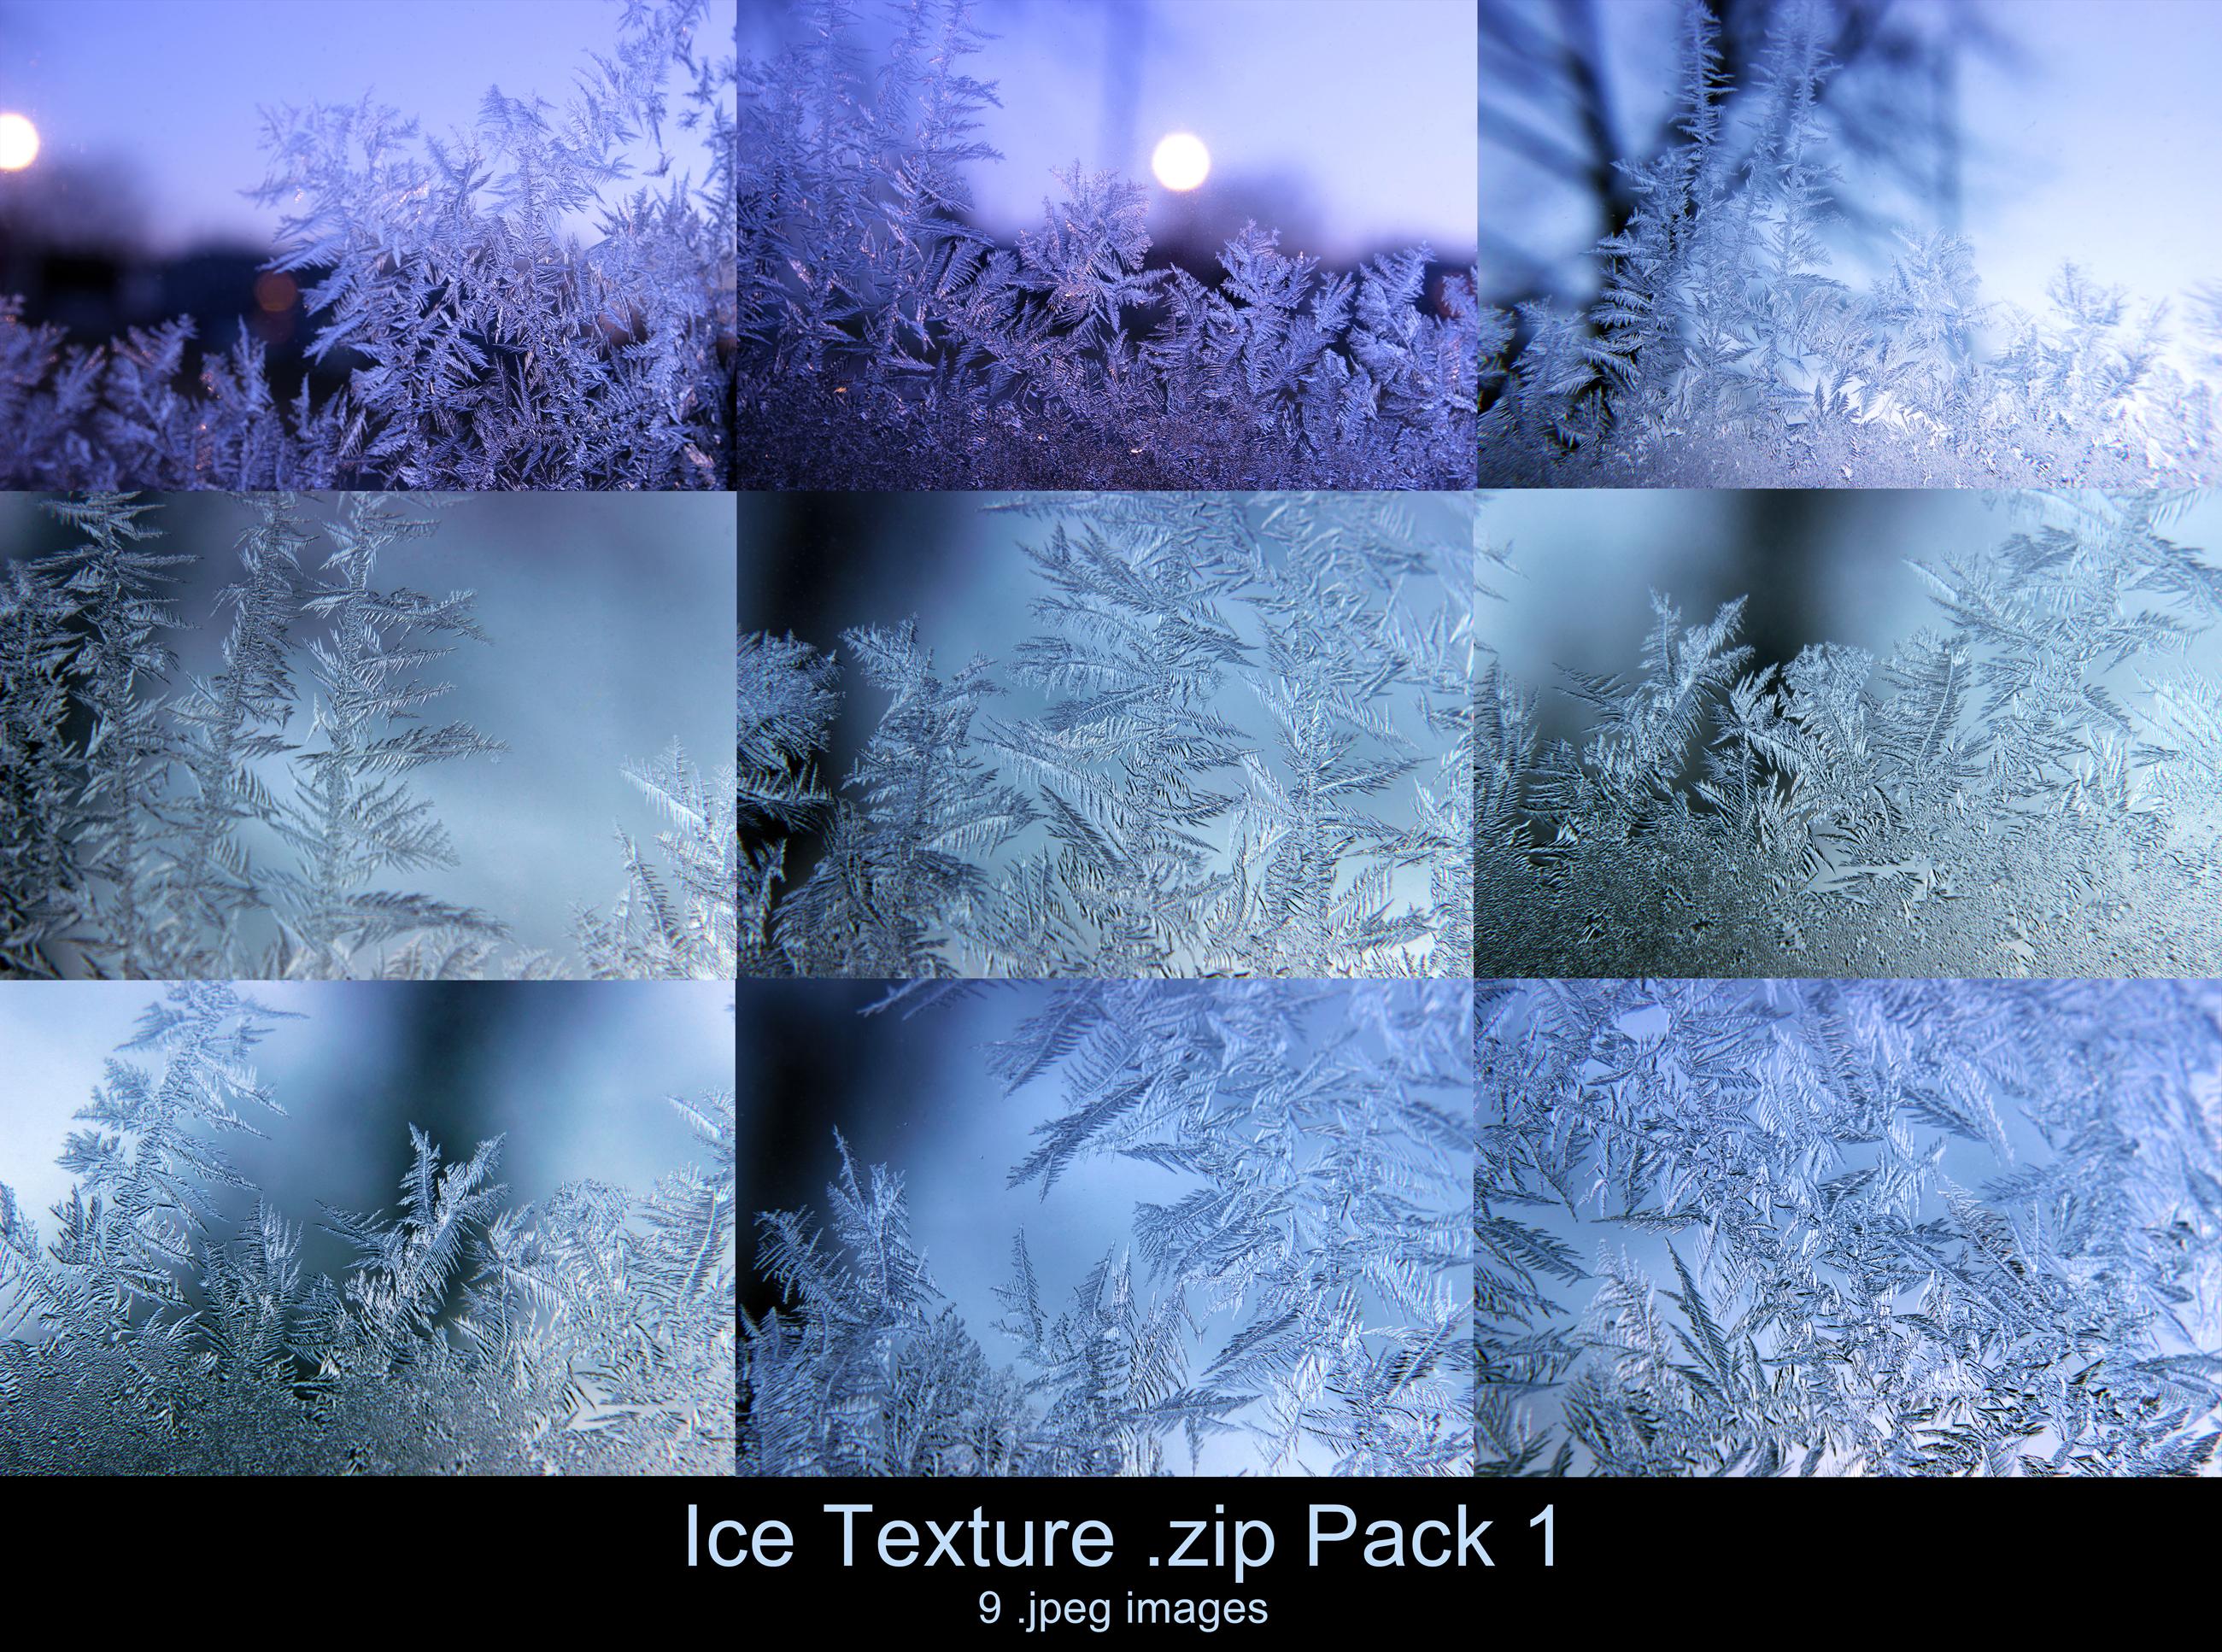 Ice Texture .zip Pack 1